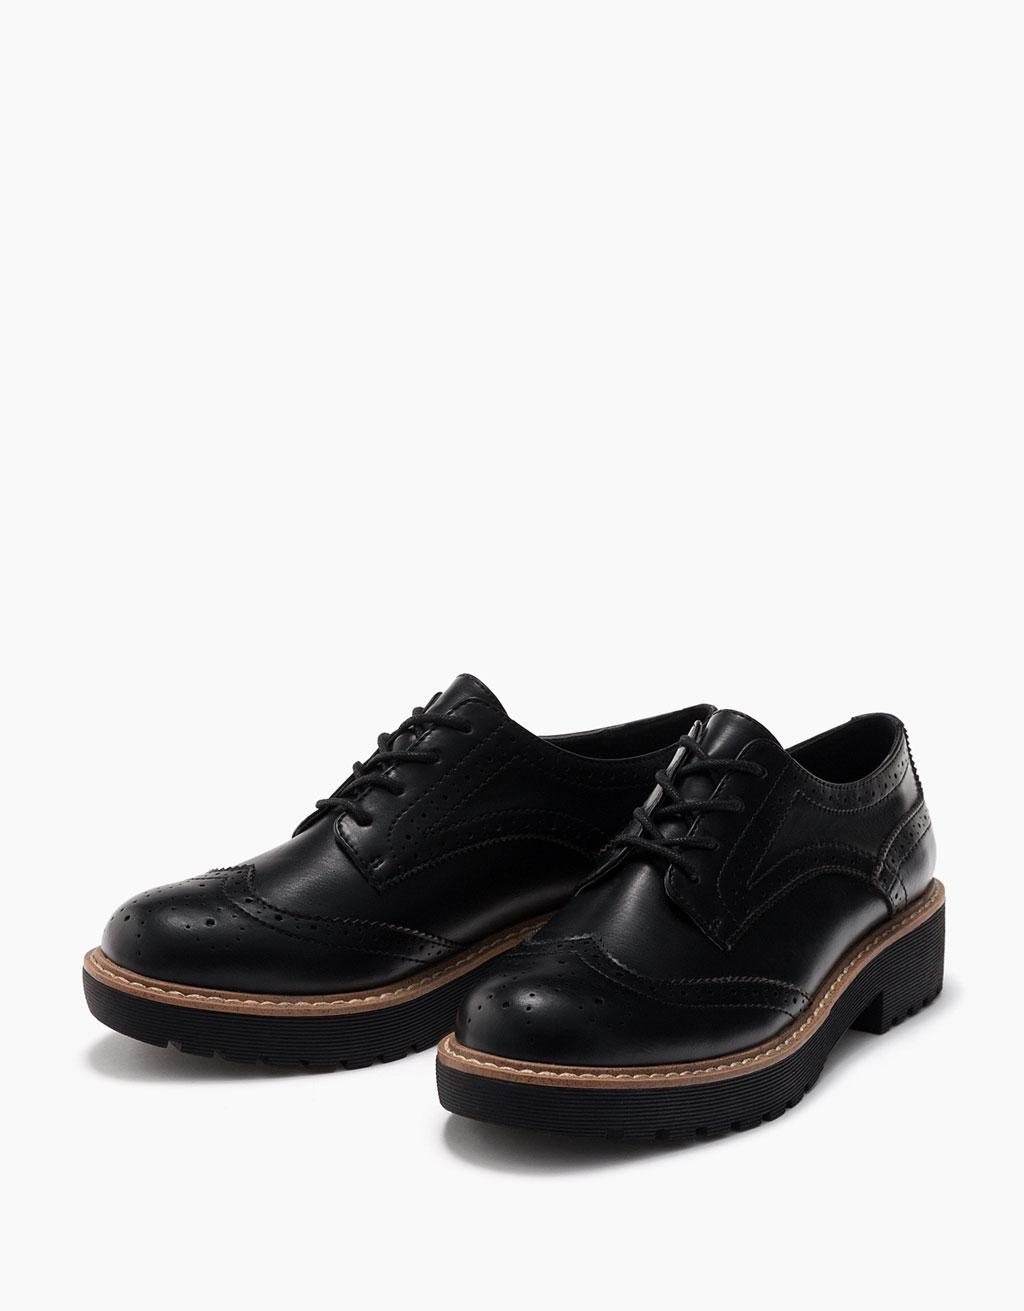 bershka france femme chaussures. Black Bedroom Furniture Sets. Home Design Ideas